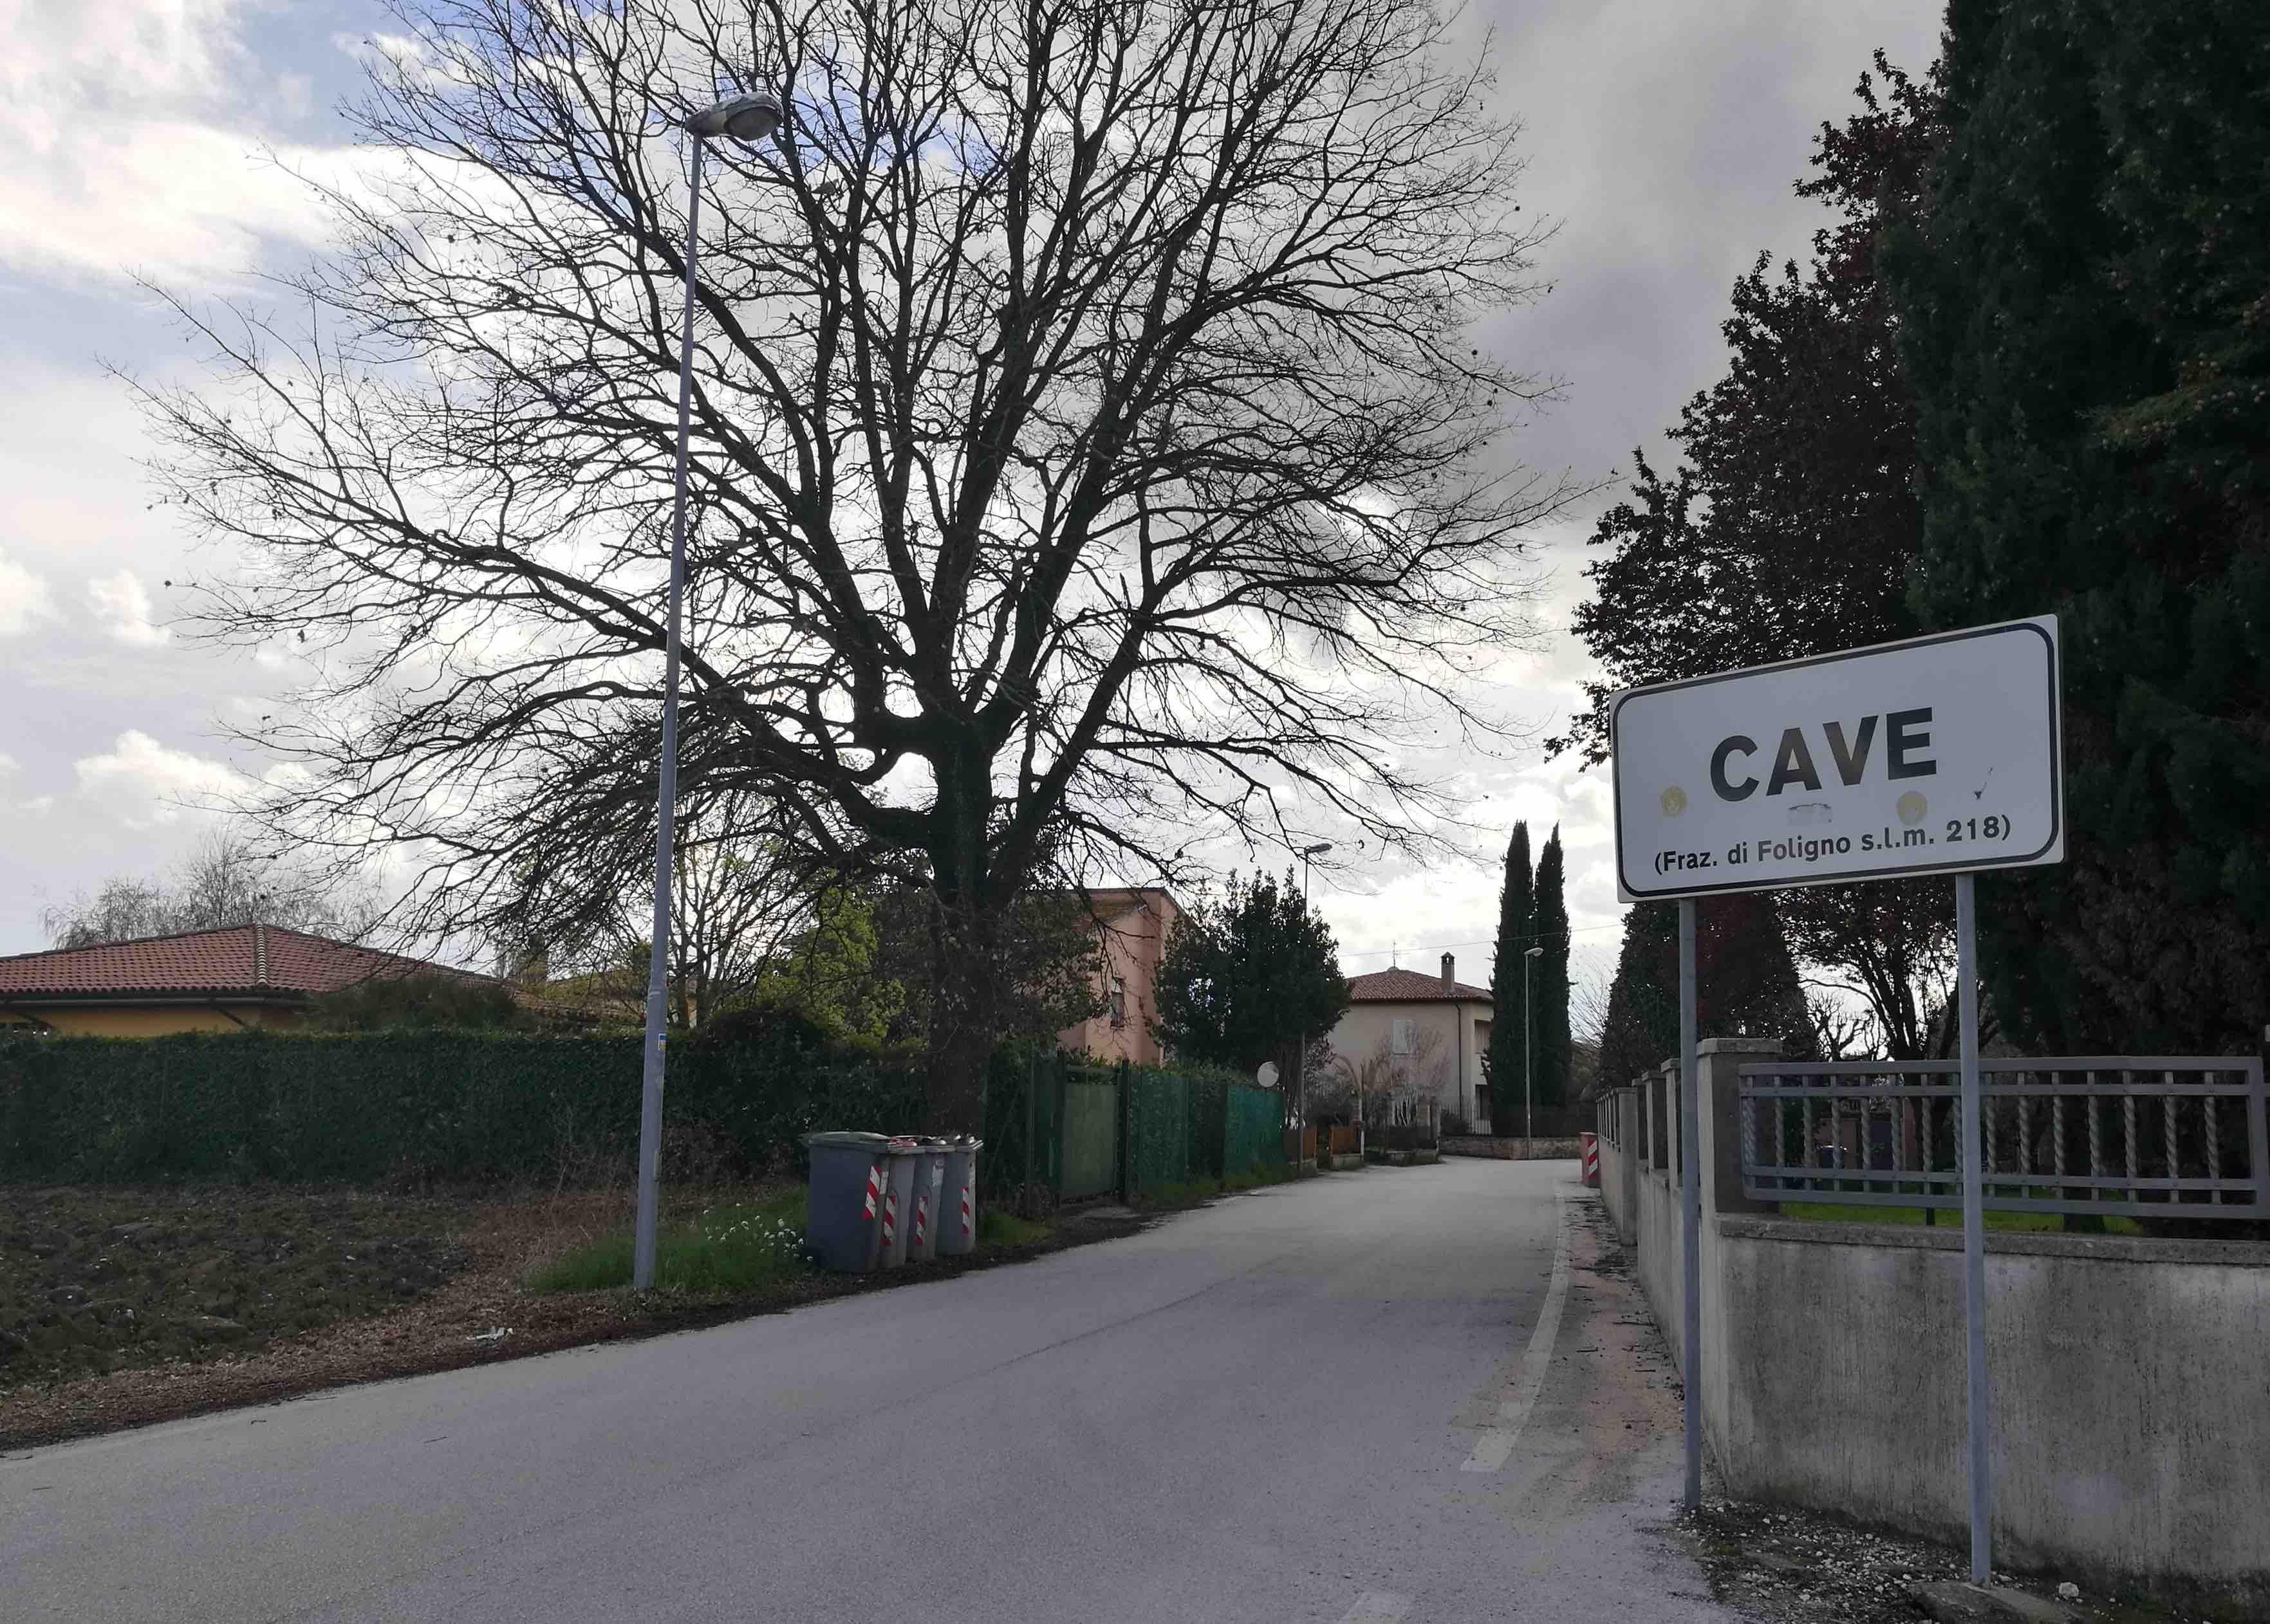 Privata Di Abitanti Ricorrono Cave Alla FolignoGli Vigilanza KF1JclT3